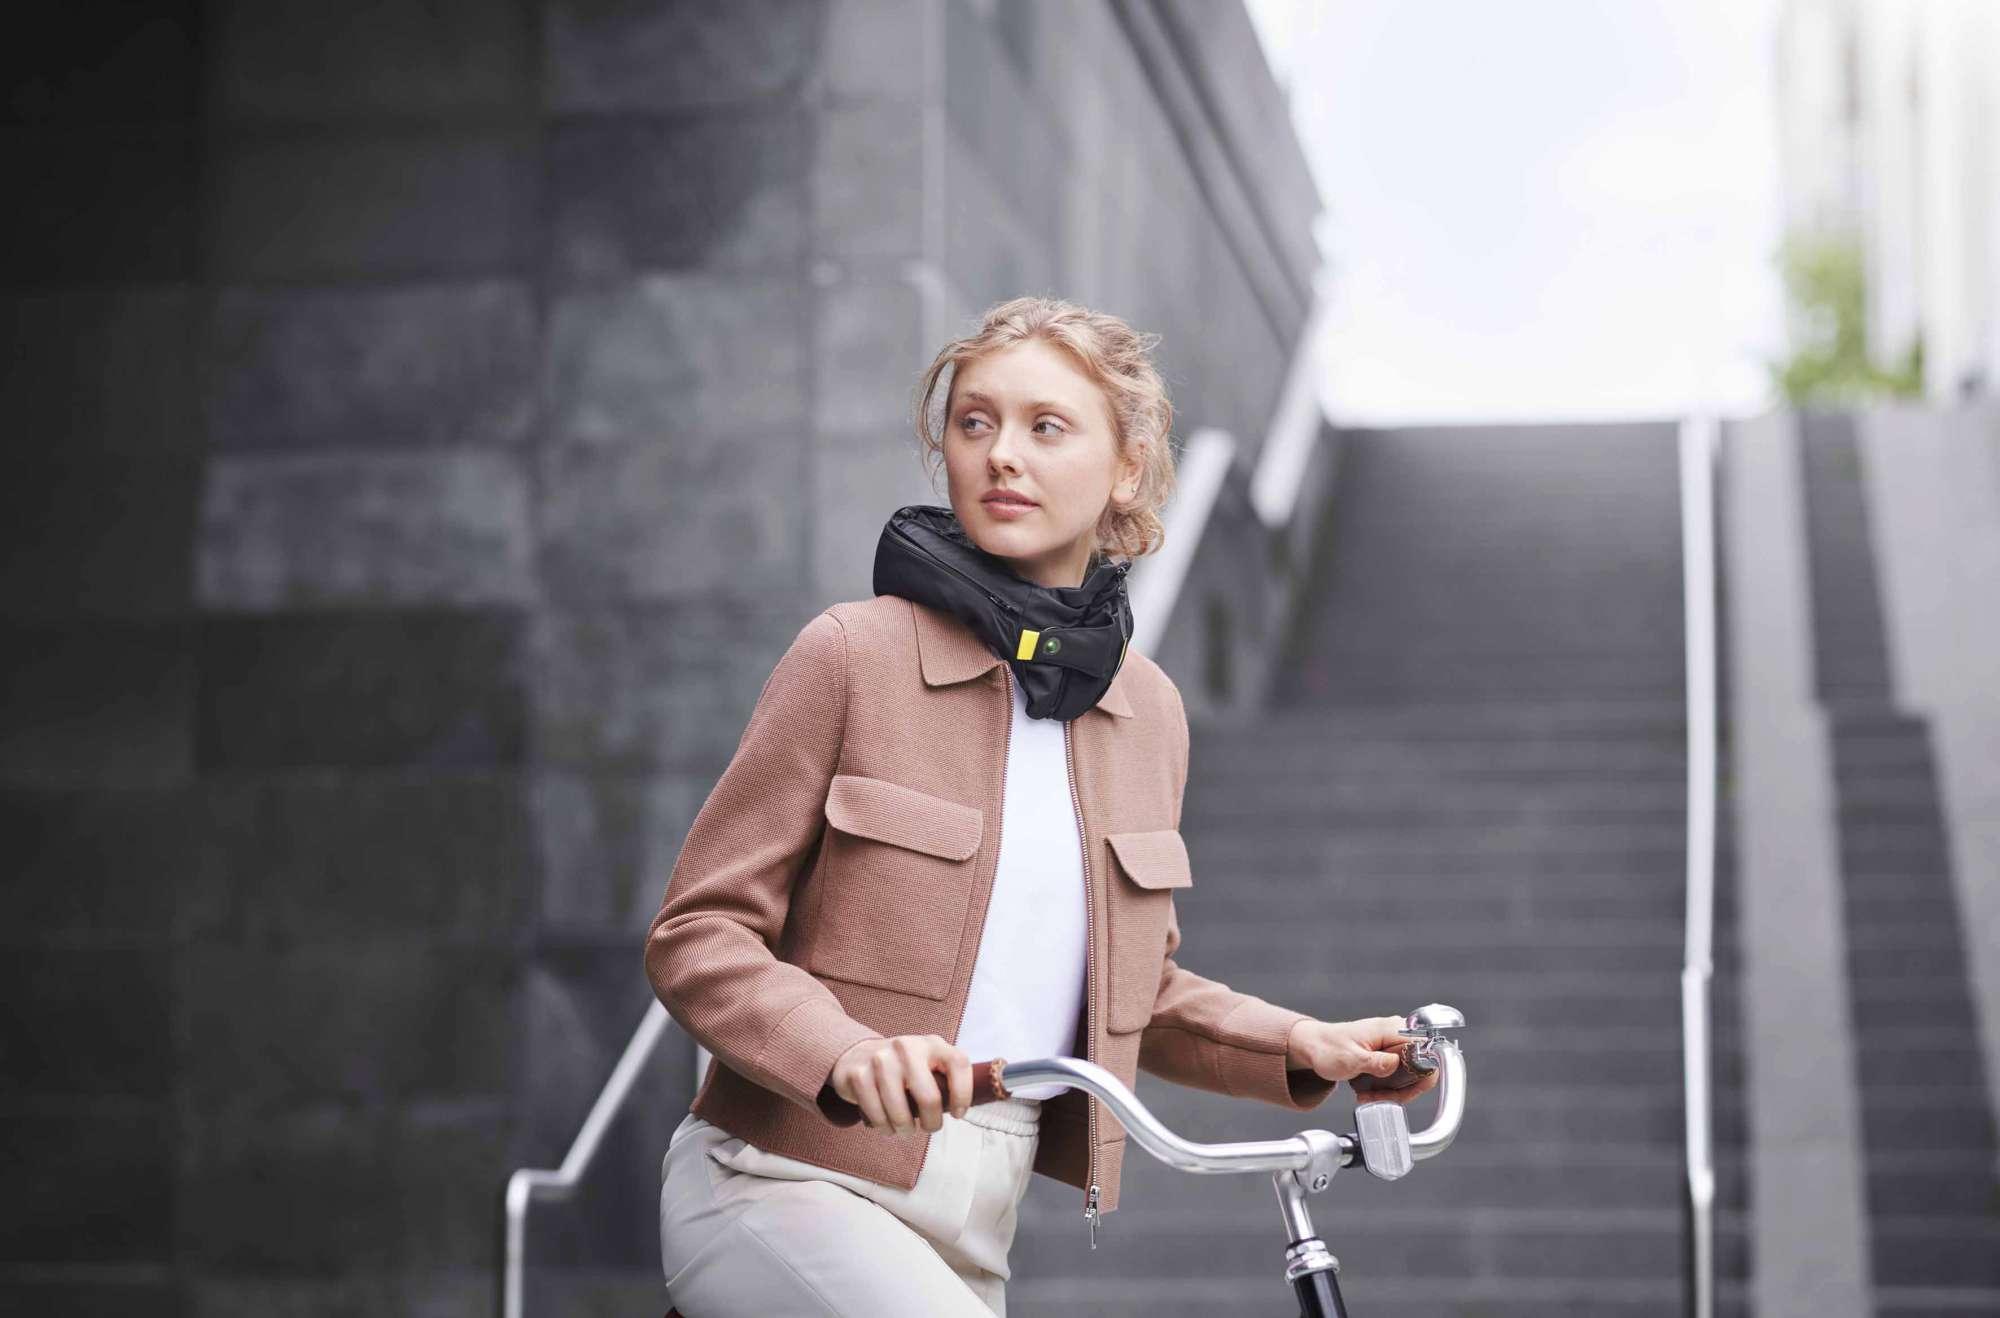 Arriva il nuovo airbag per ciclisti: è il più sicuro al mondo